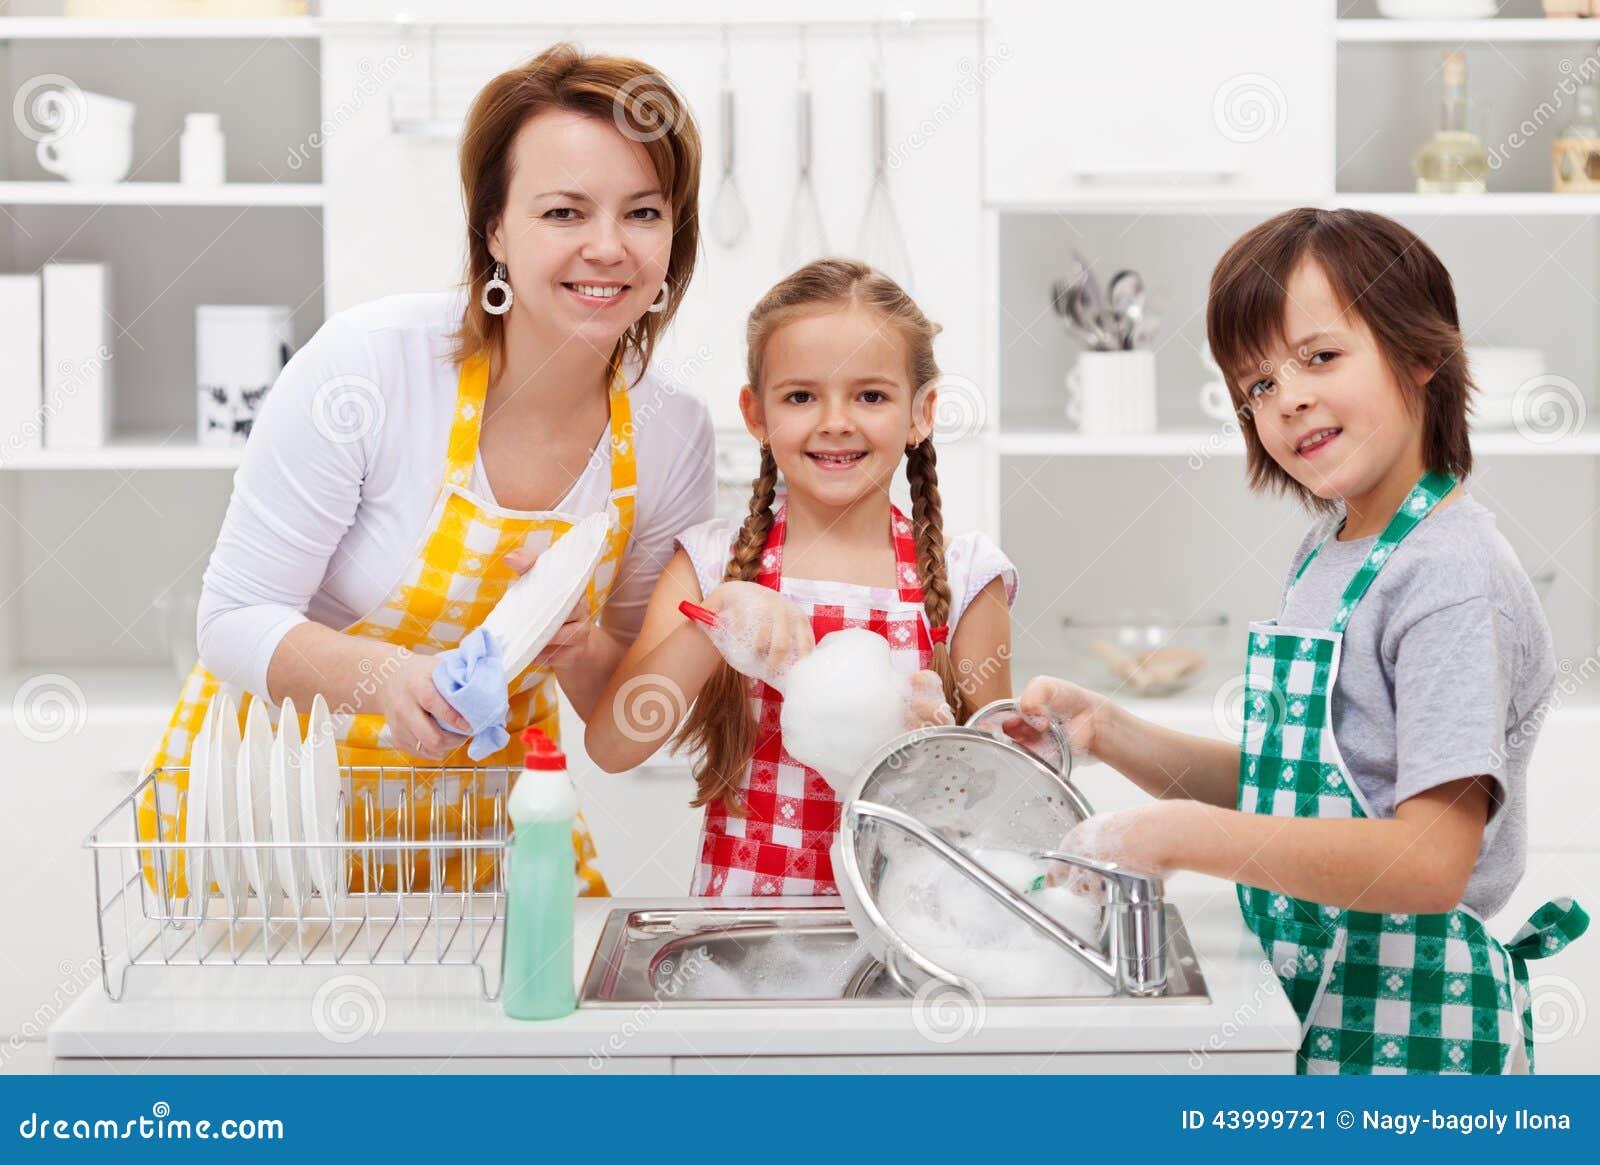 С мамкой на кухне, Мама и сын на кухне - смотреть порно онлайн или скачать 22 фотография